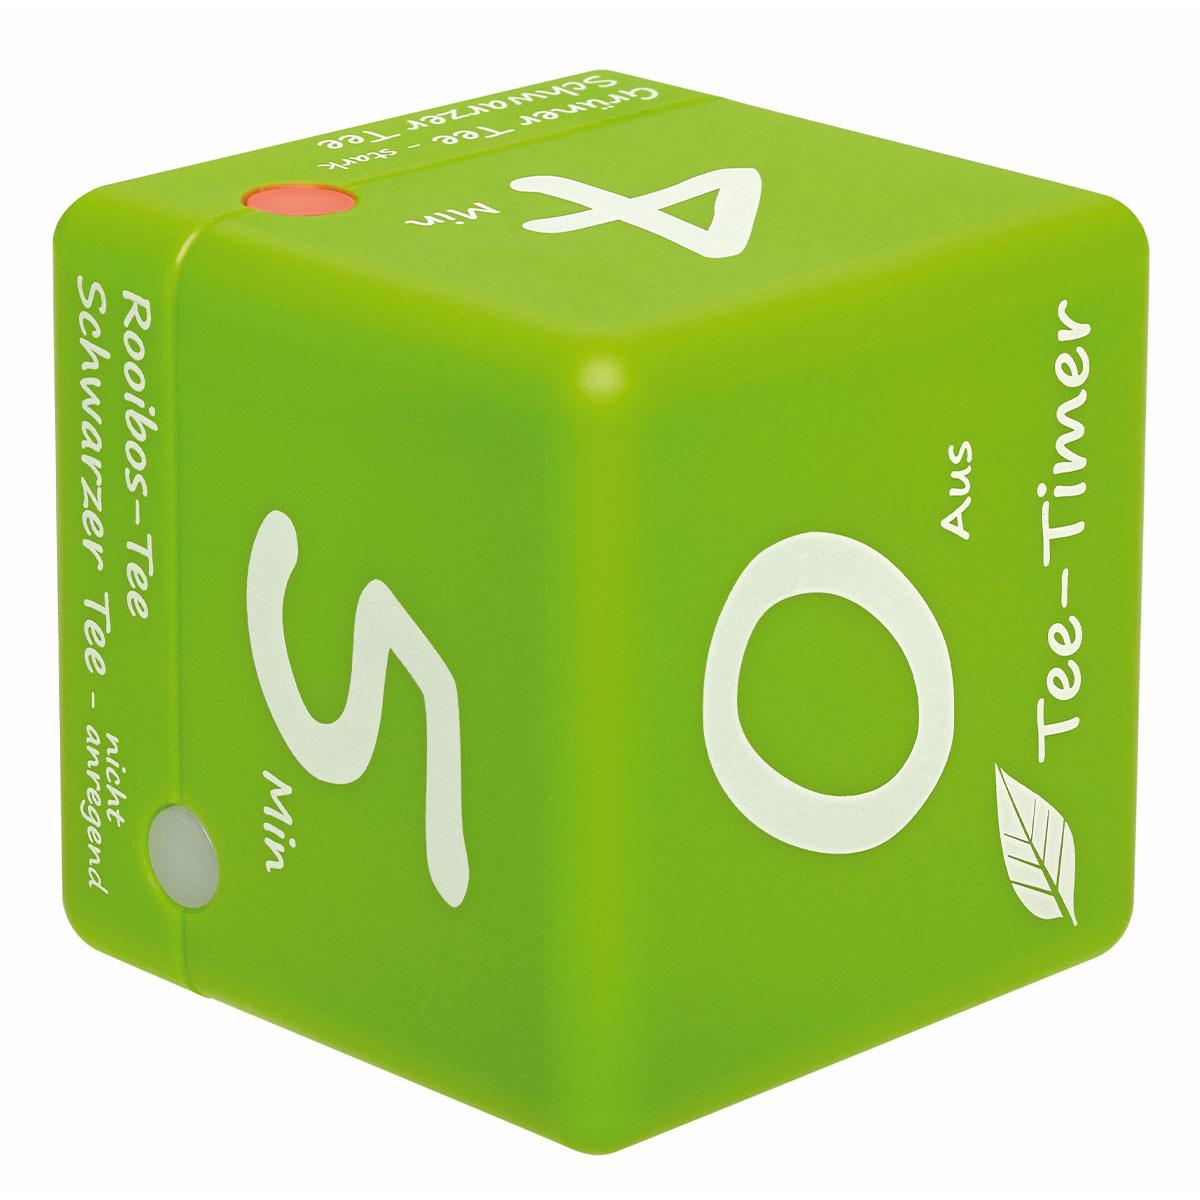 38-2035-04-digitaler-tee-timer-cube-timer-ansicht-1200x1200px.jpg